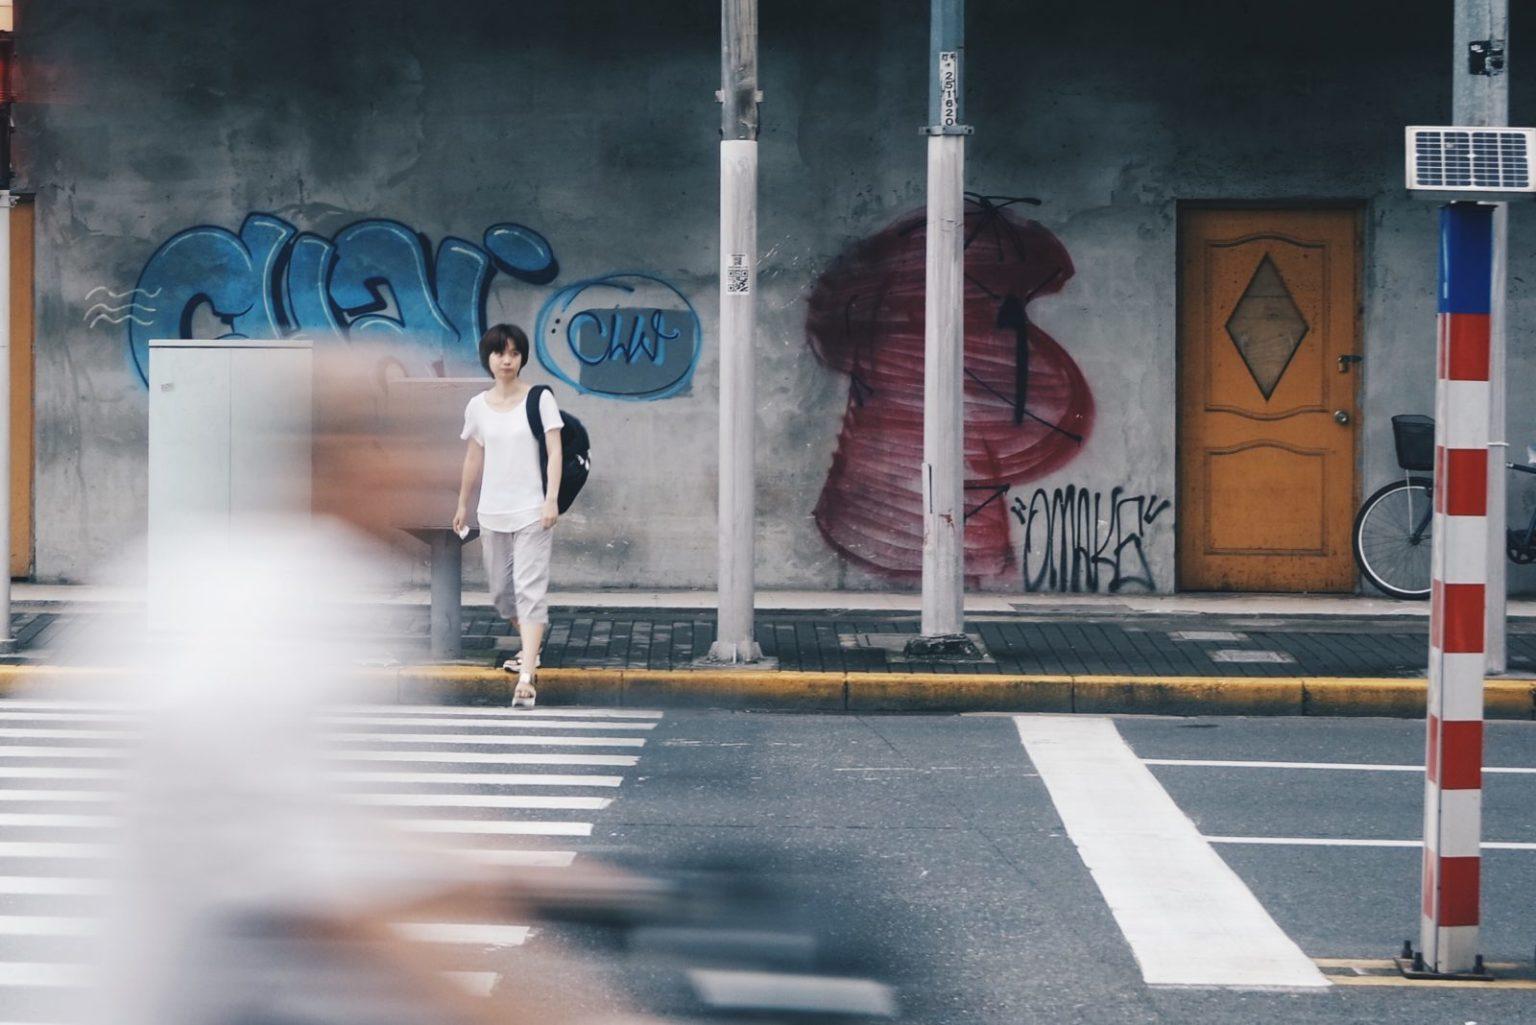 Verkehrshaftungsrecht/ Mitverschulden Fußgänger gegenüber Radfahrer